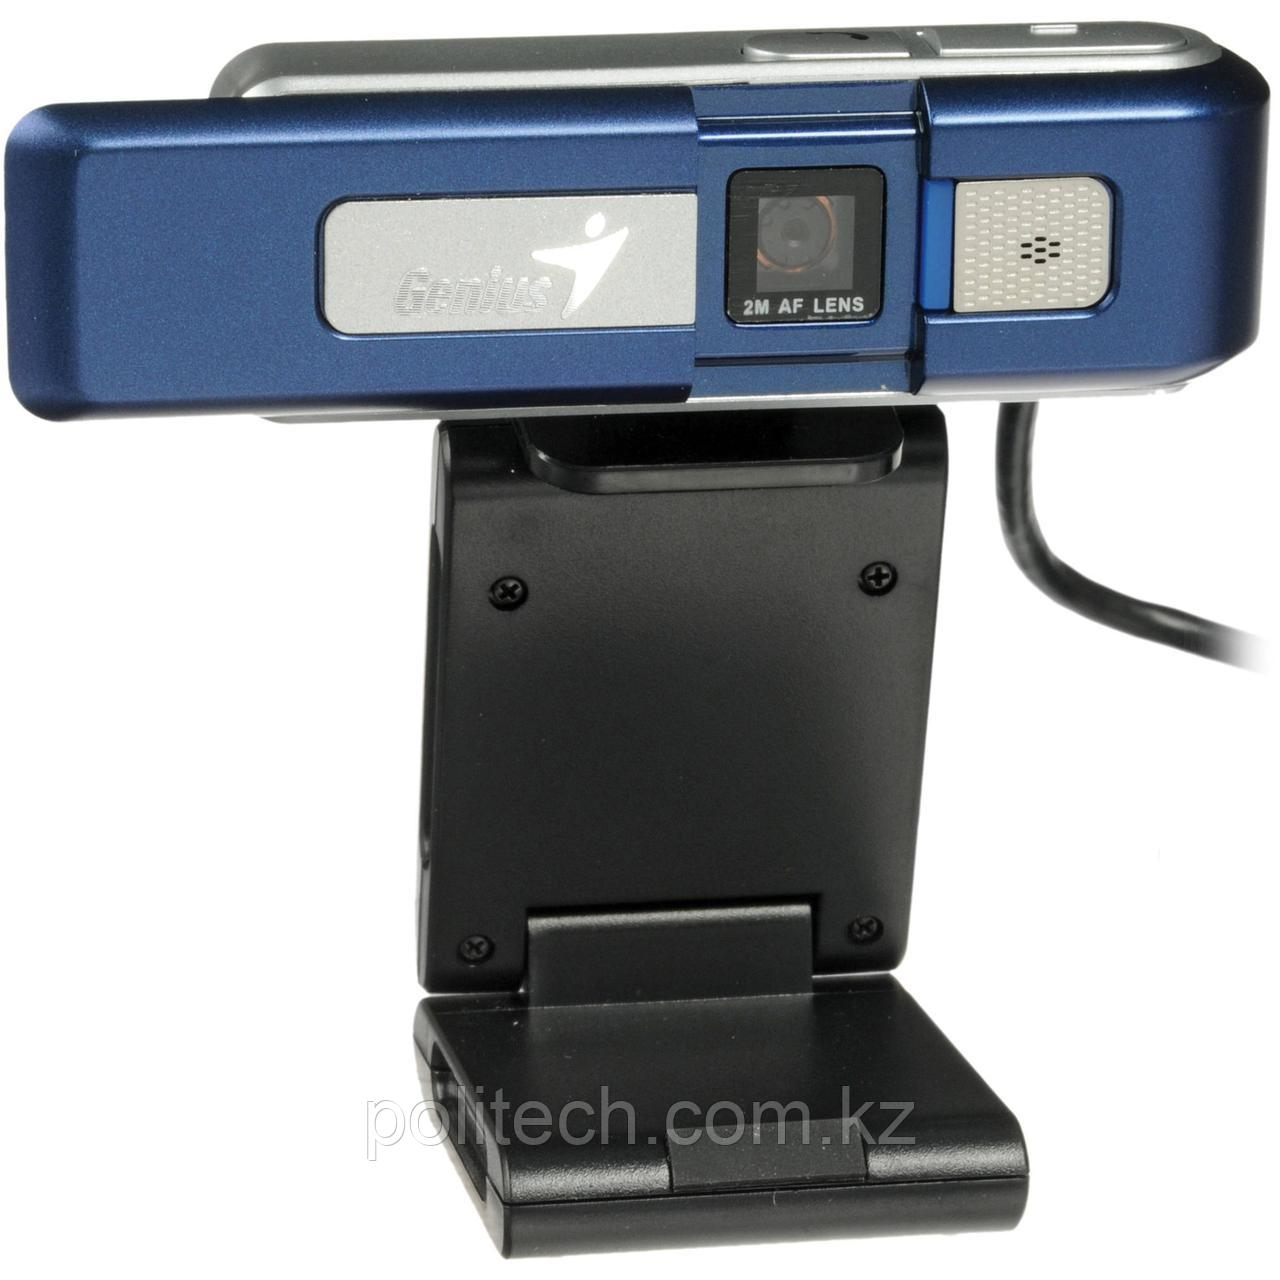 ISlim 2000AF V2 2.0Mp Webcam Genius